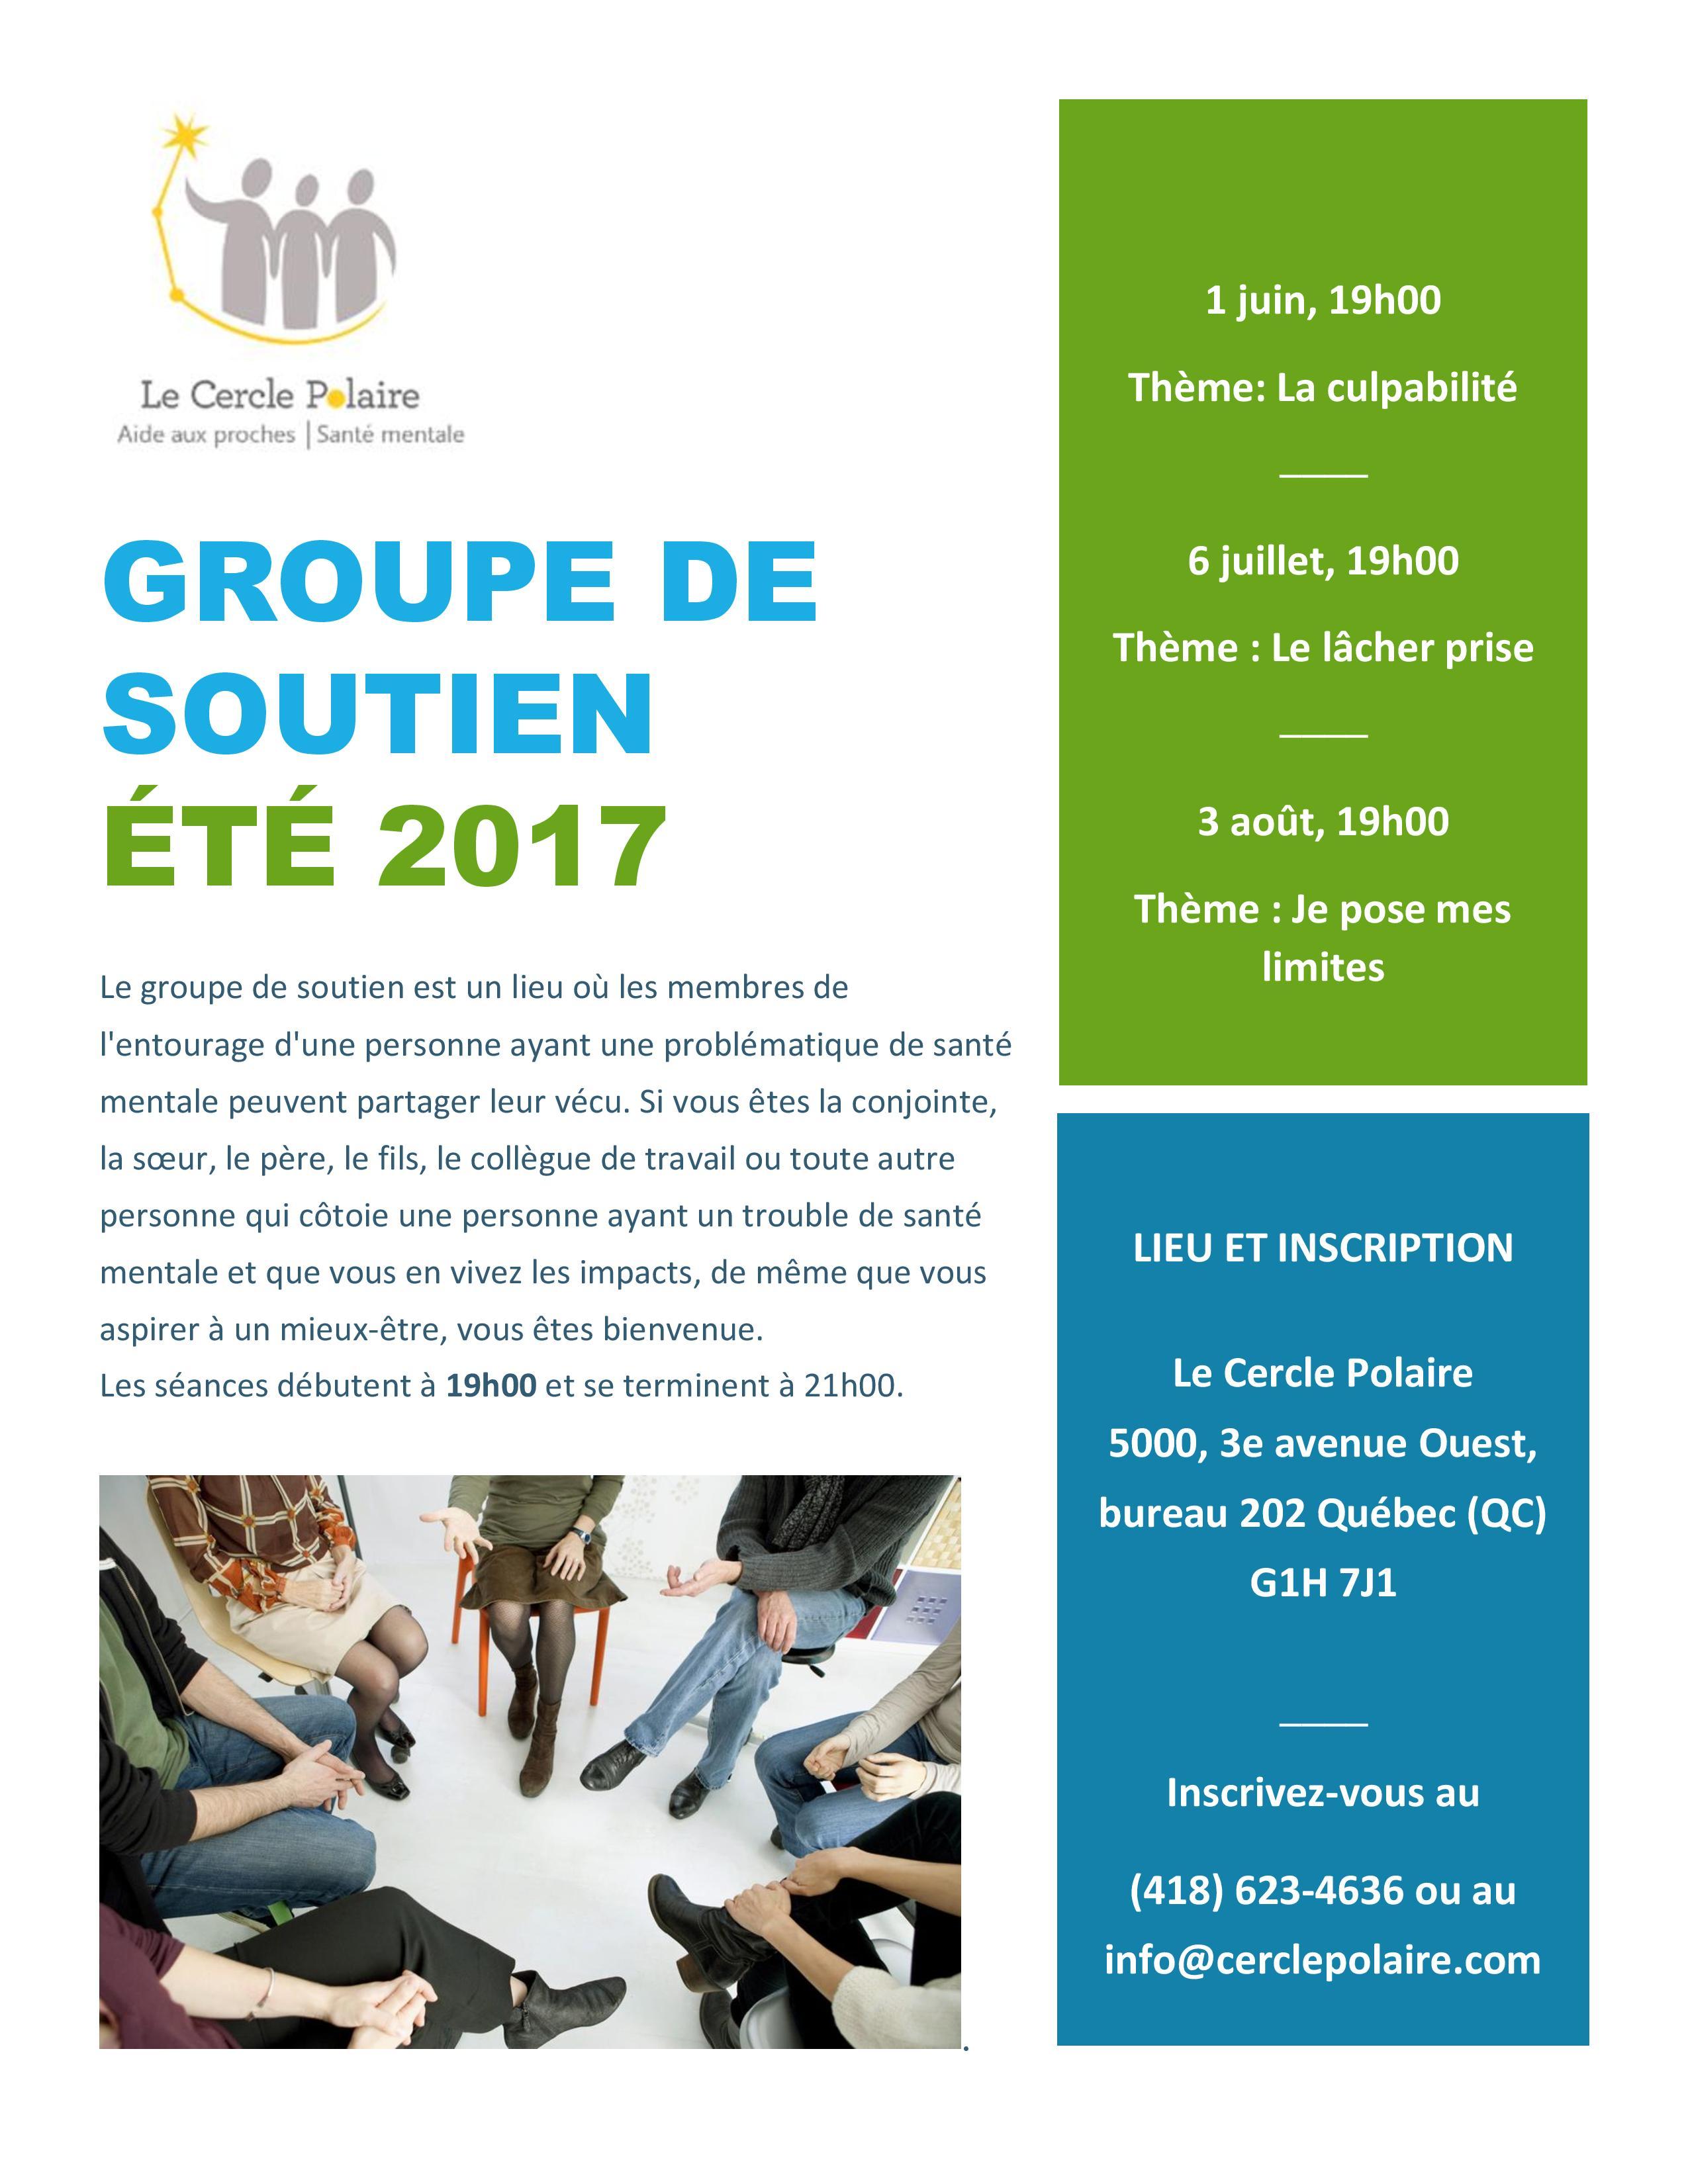 Image - Groupe de soutien Été